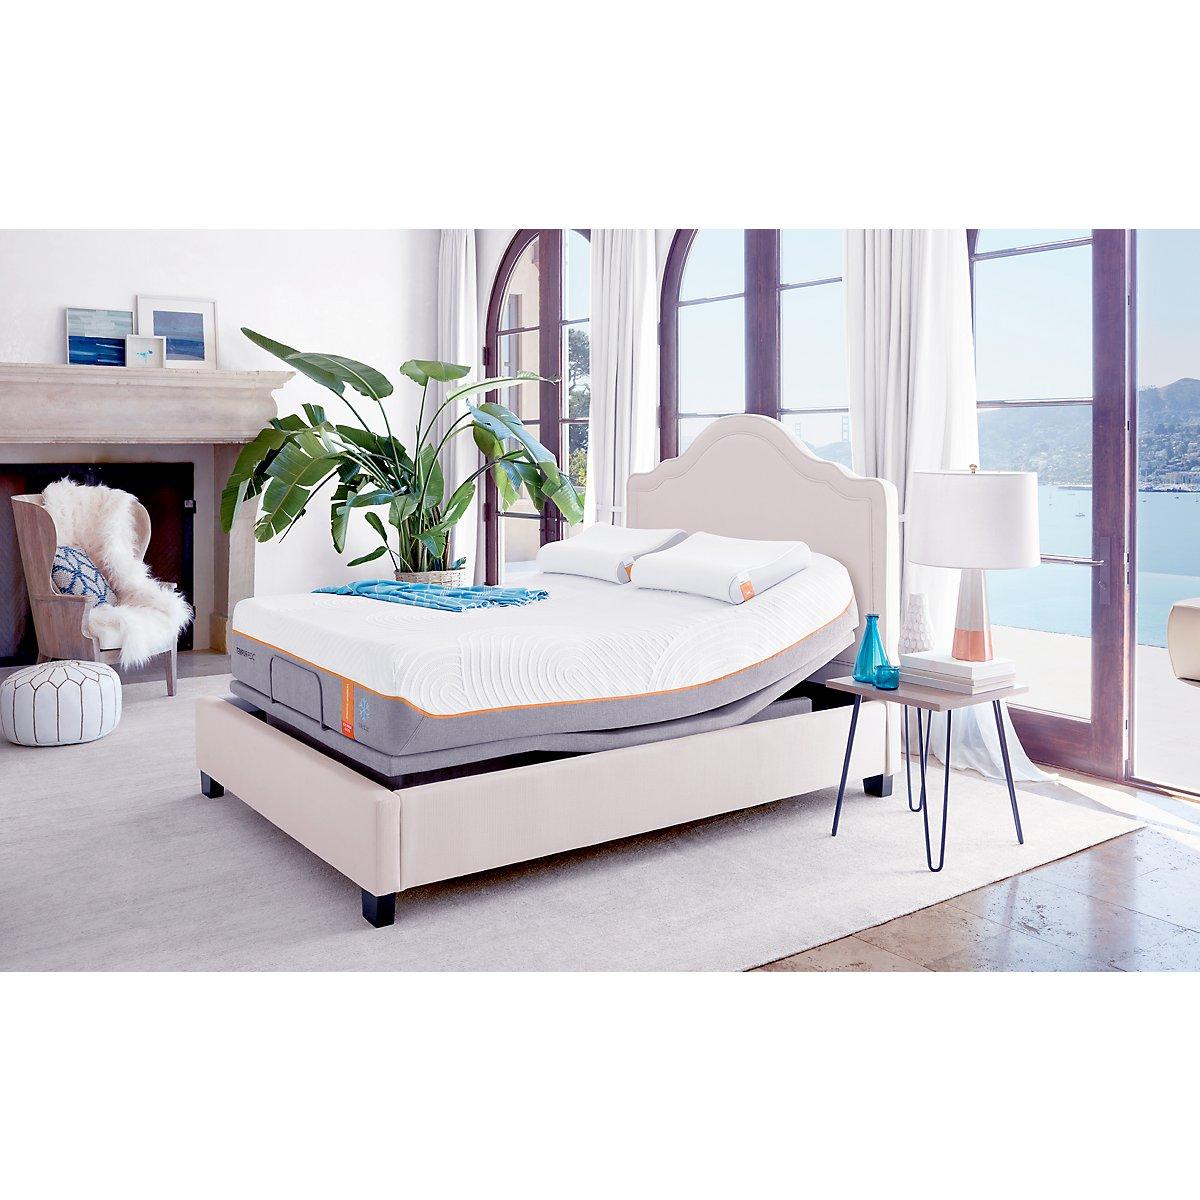 City Furniture Con Eli Bre Mattress